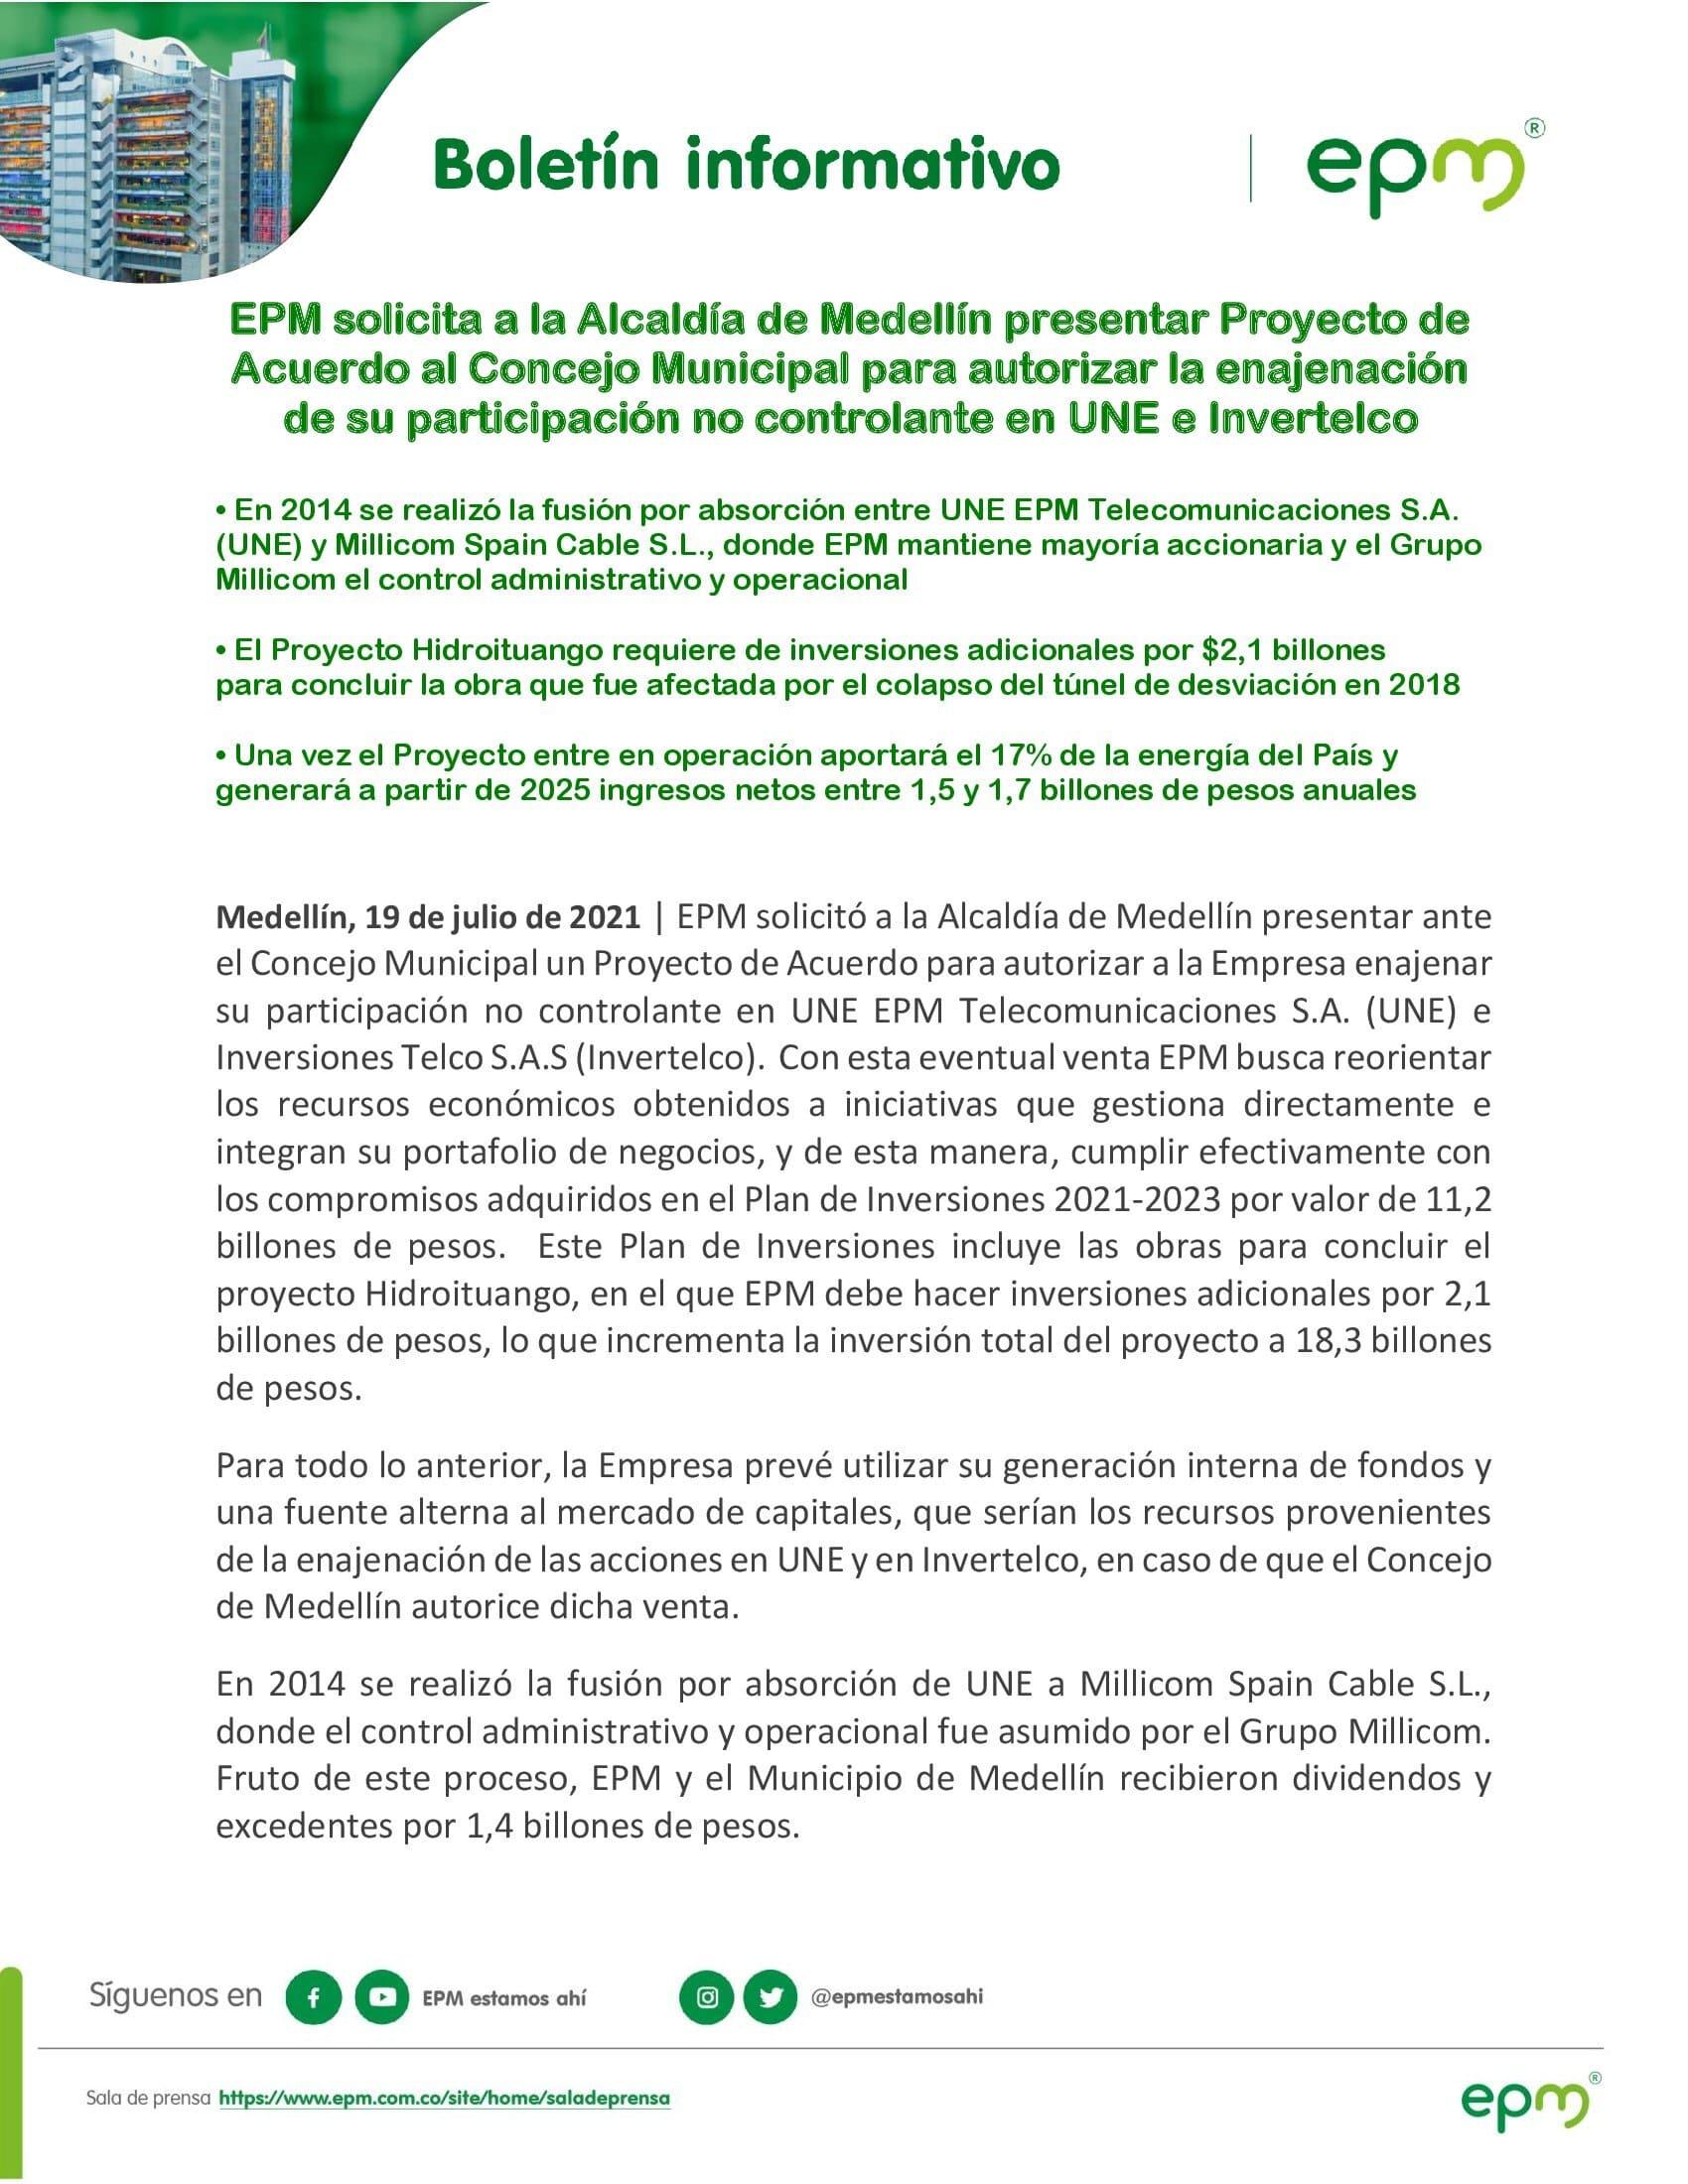 Boletin Informativo EPM UNE e Invertelco 19072021 00001